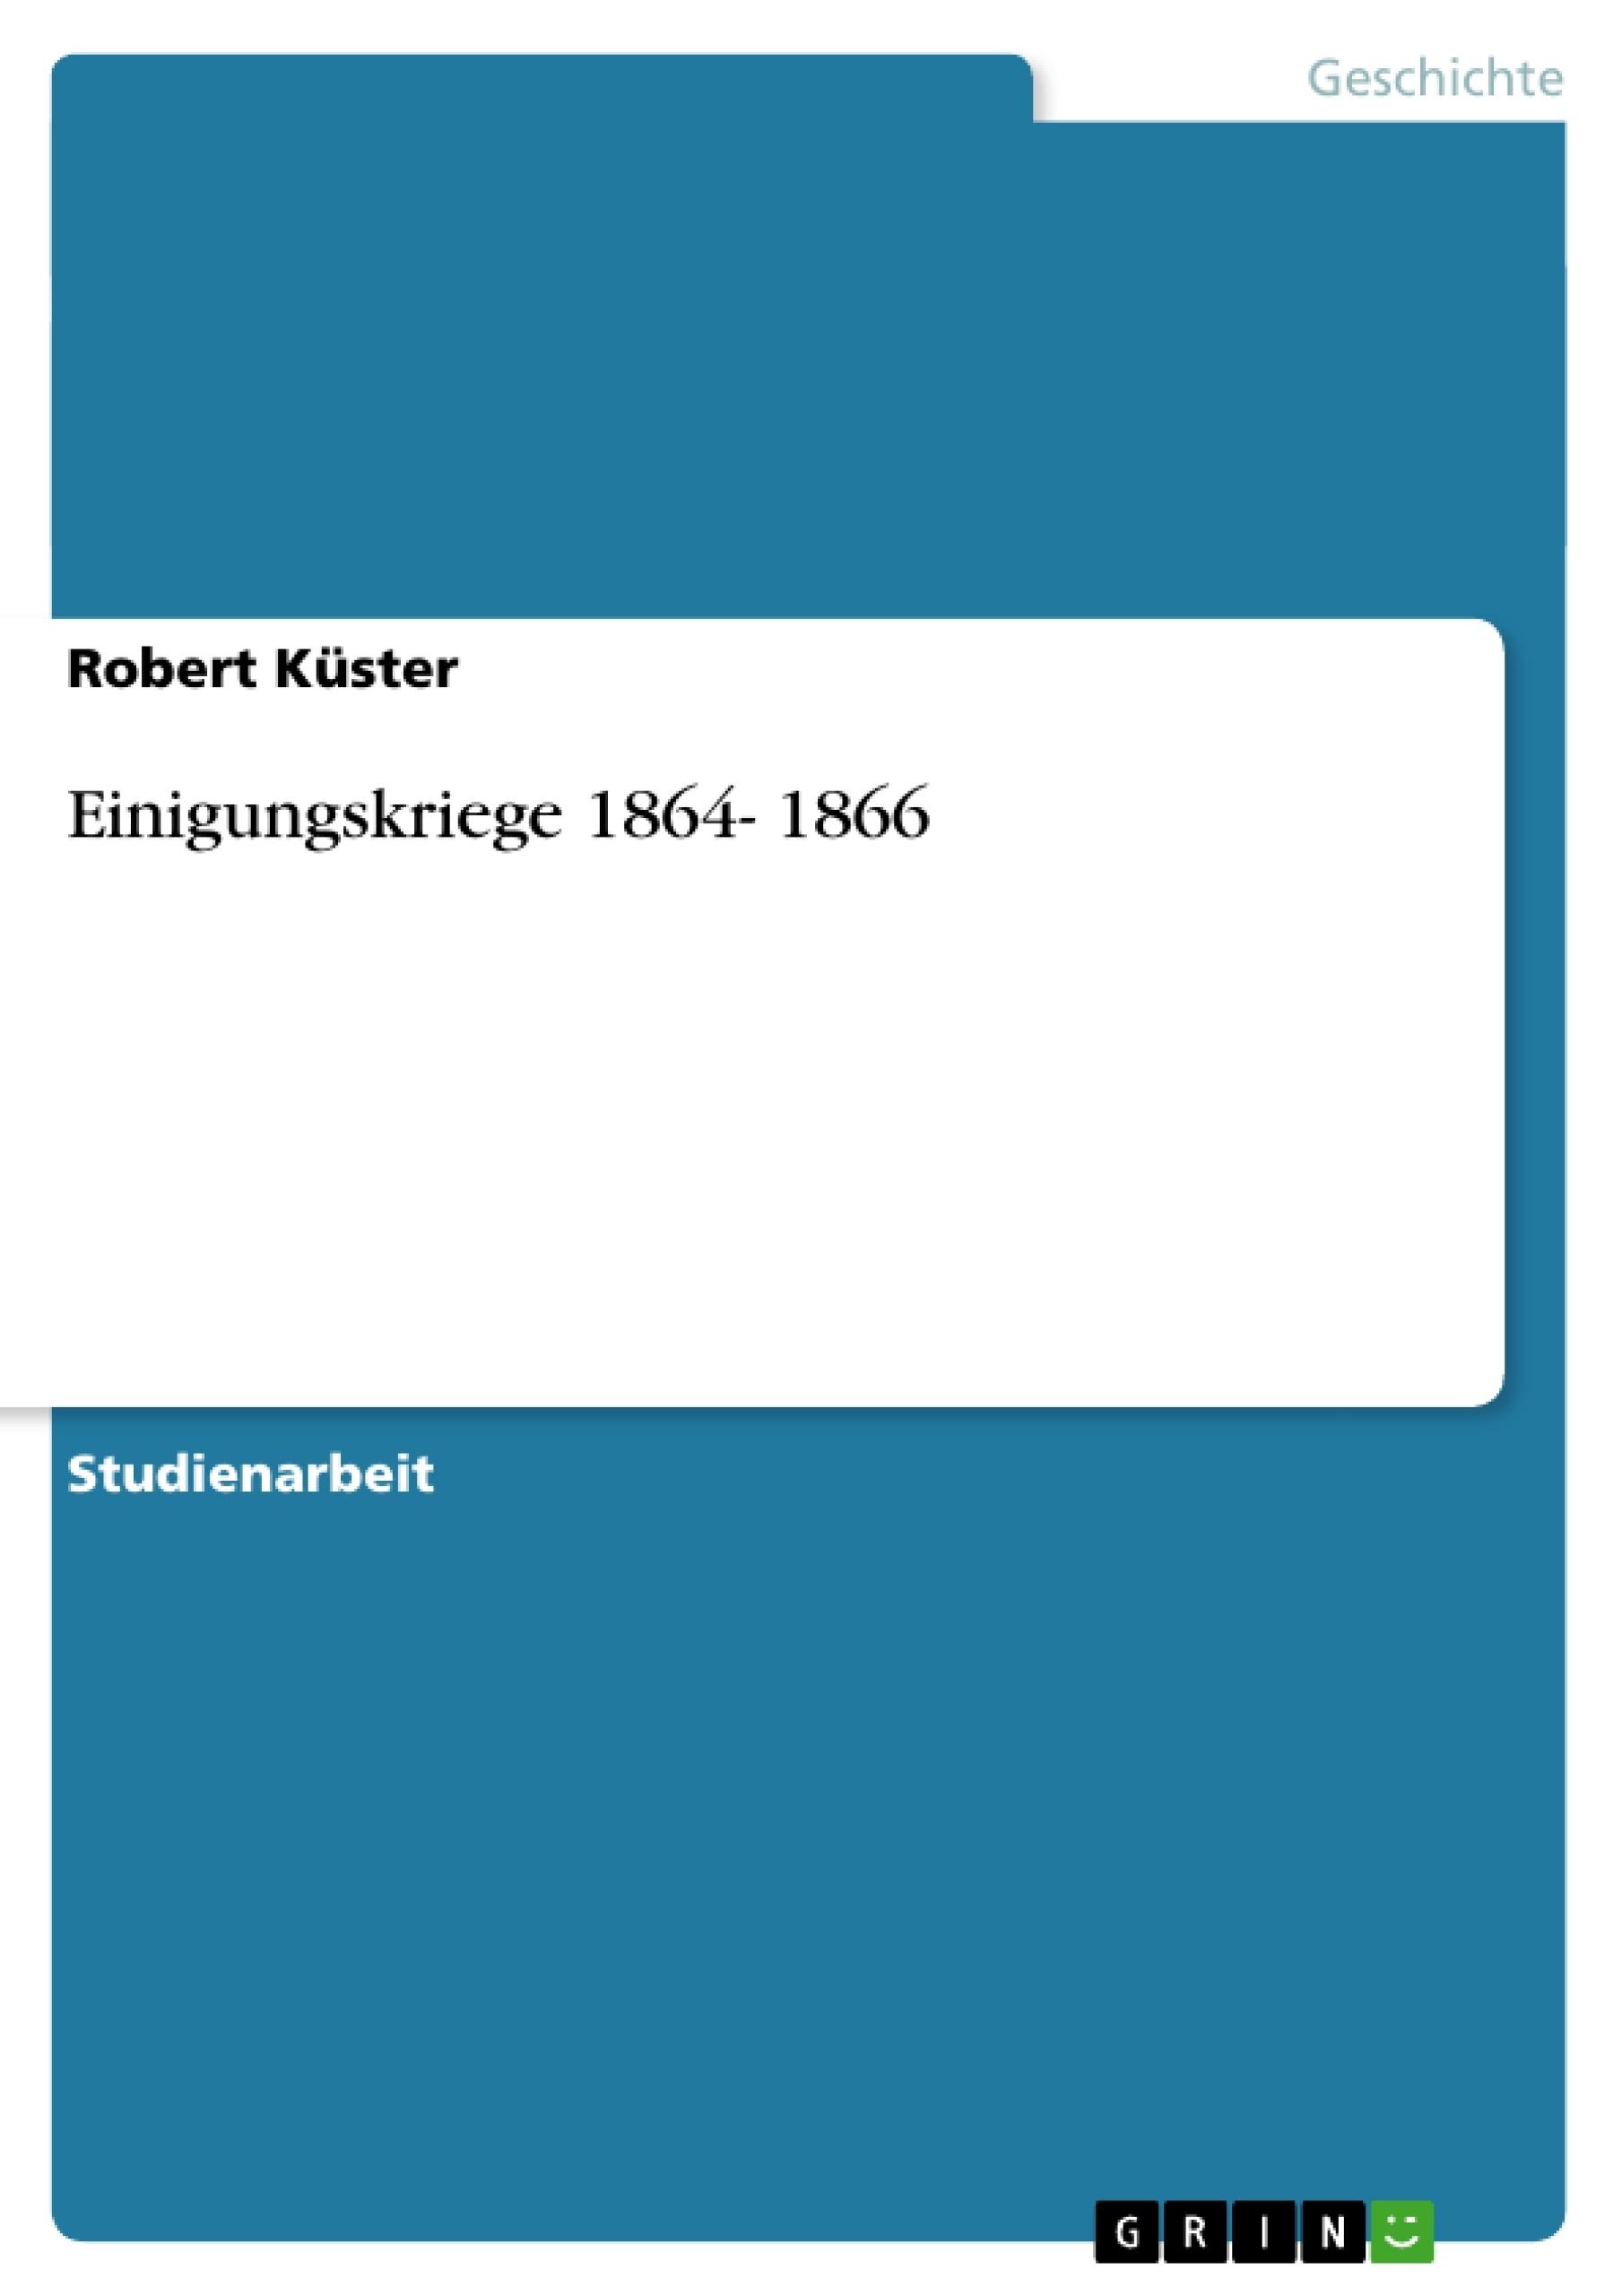 Titel: Einigungskriege 1864- 1866